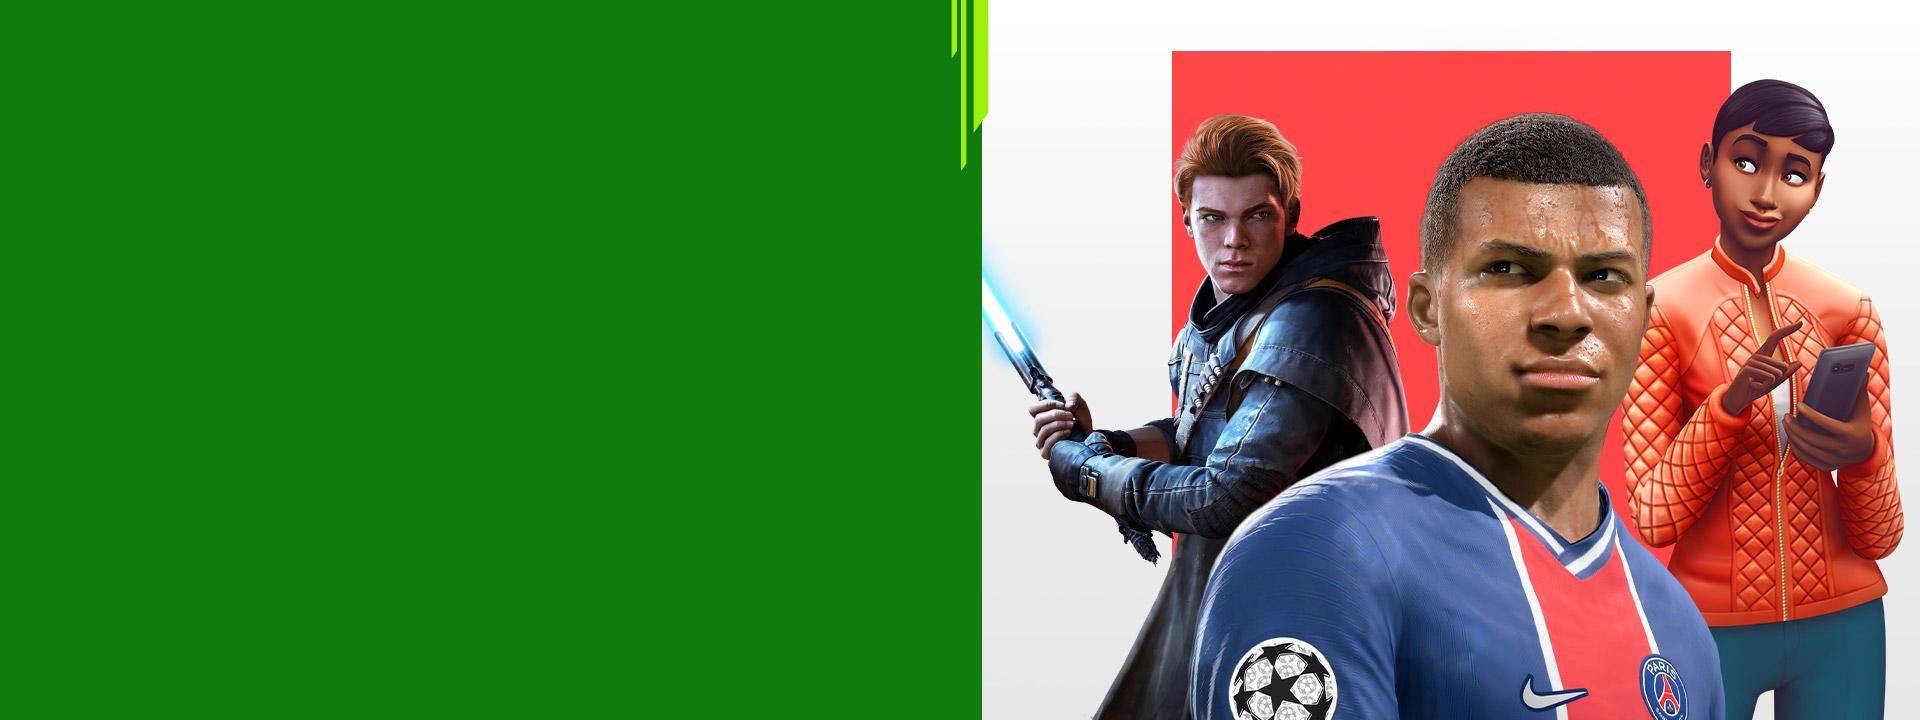 Grafica dei personaggi dei giochi EA, tra cui Star Wars Jedi: Fallen Order, FIFA 22 e The Sims 4.